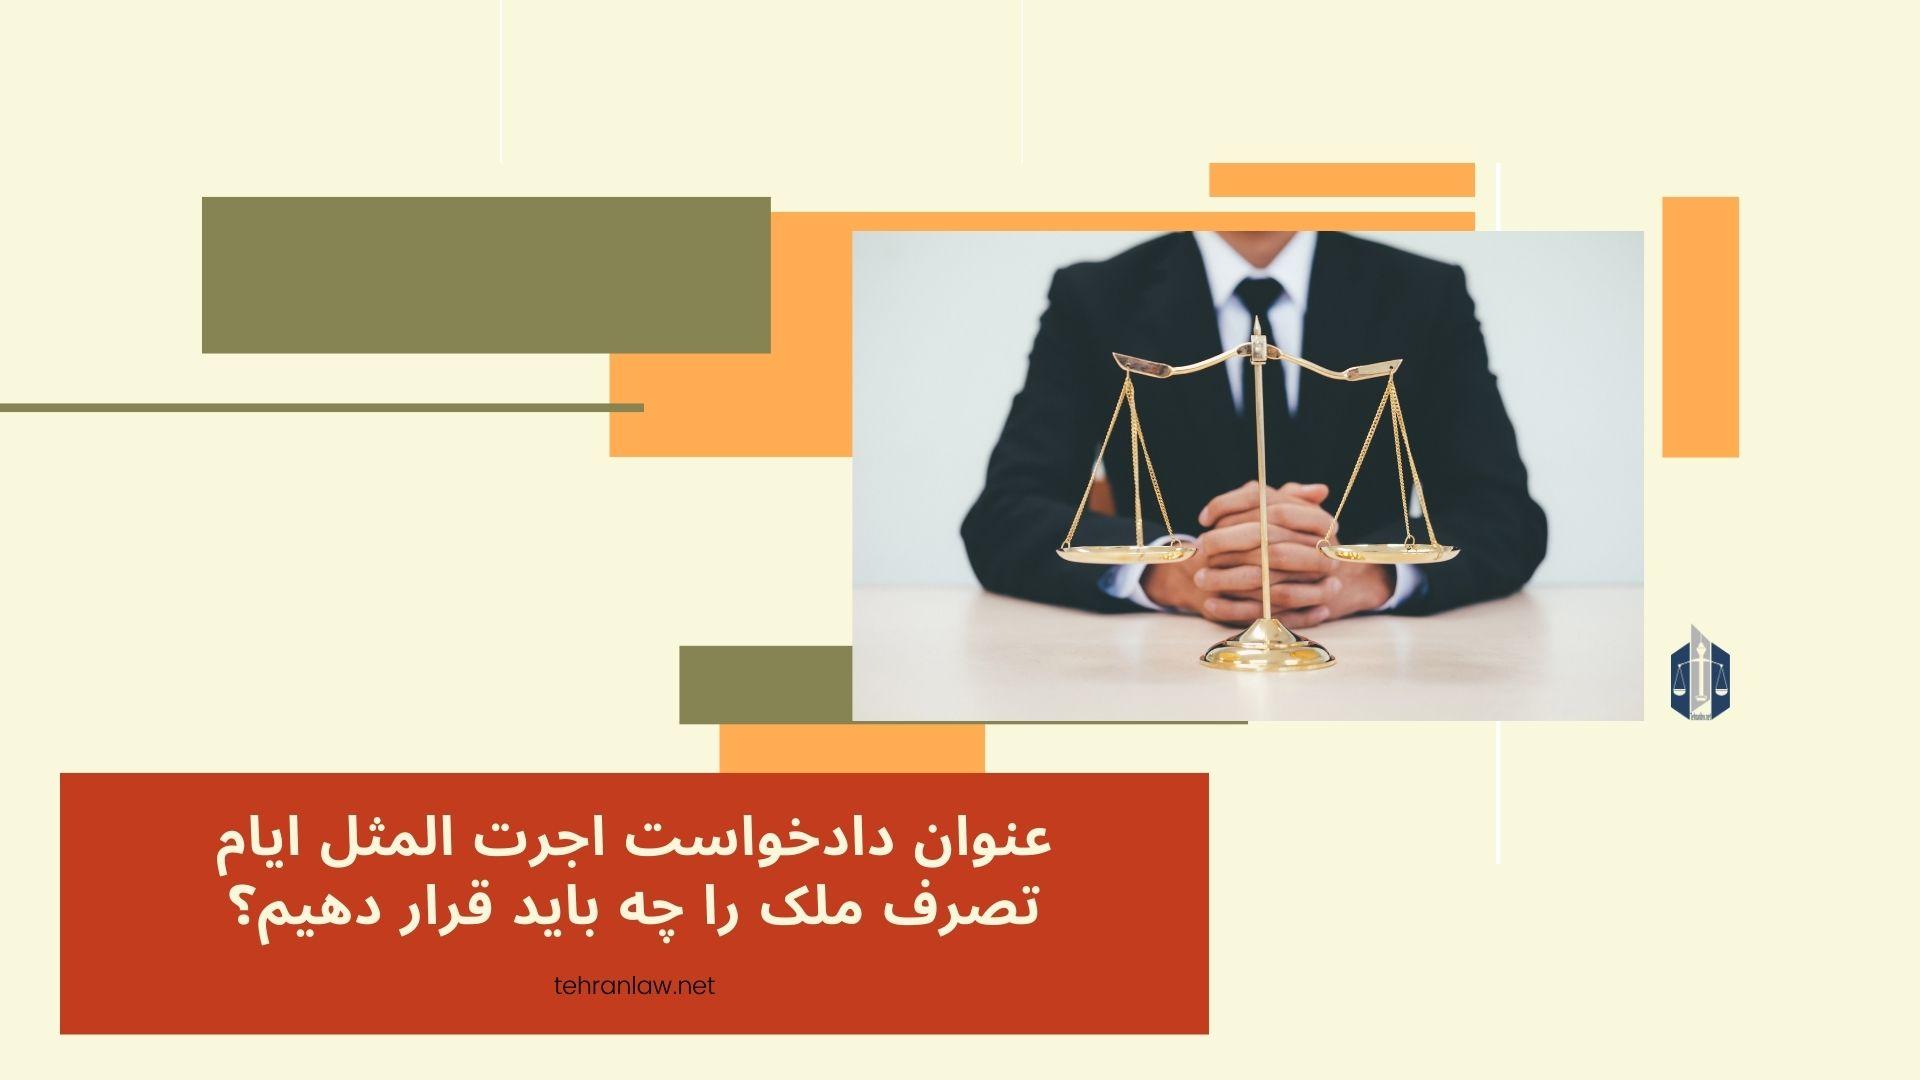 عنوان دادخواست اجرت المثل ایام تصرف ملک را چه باید قرار دهیم؟